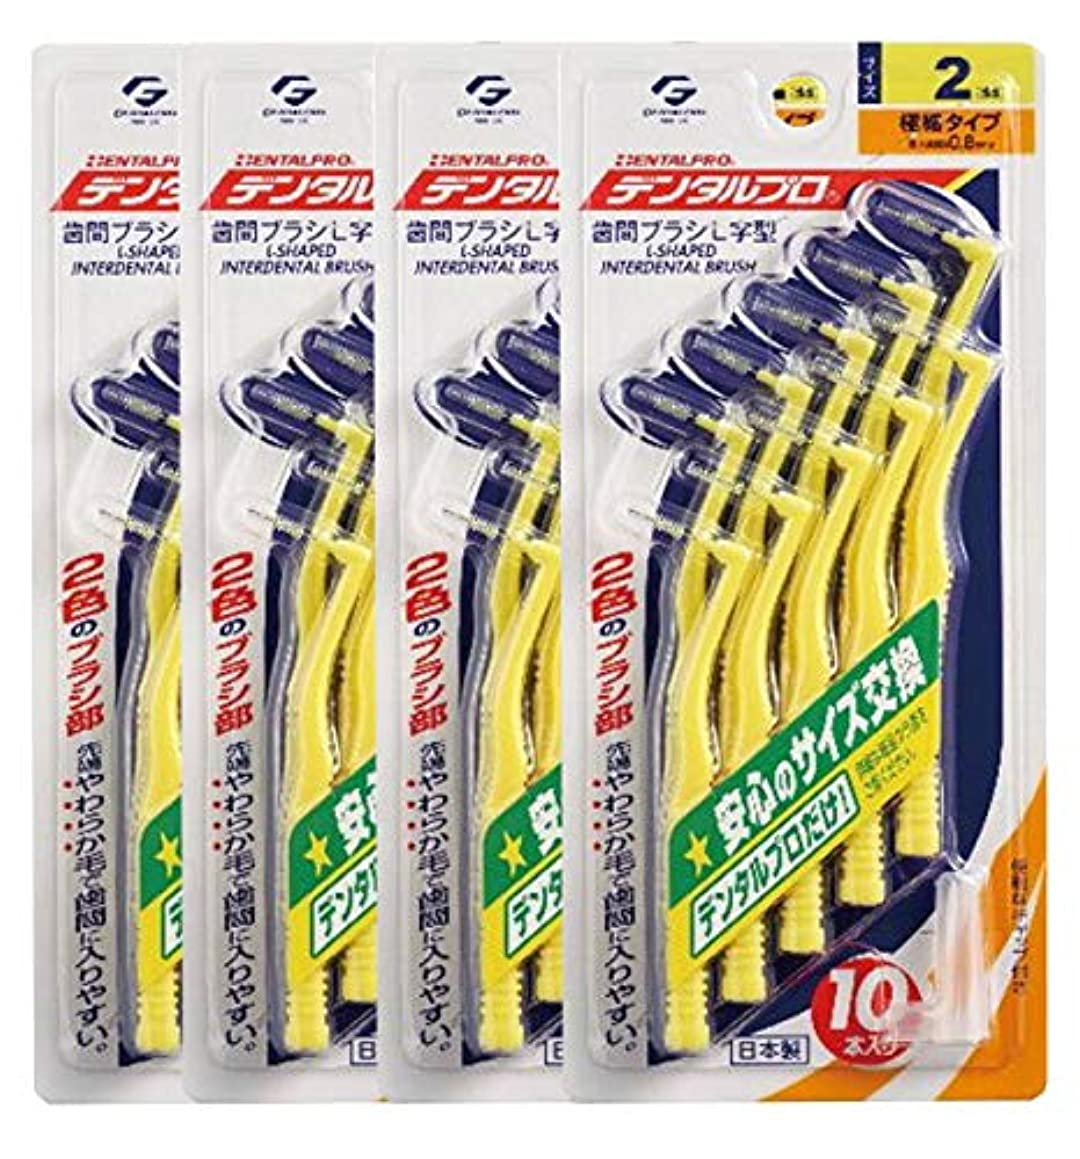 爵熱心な社説デンタルプロ 歯間ブラシ L字型 10本入 サイズ 2 (SS) × 4個セット